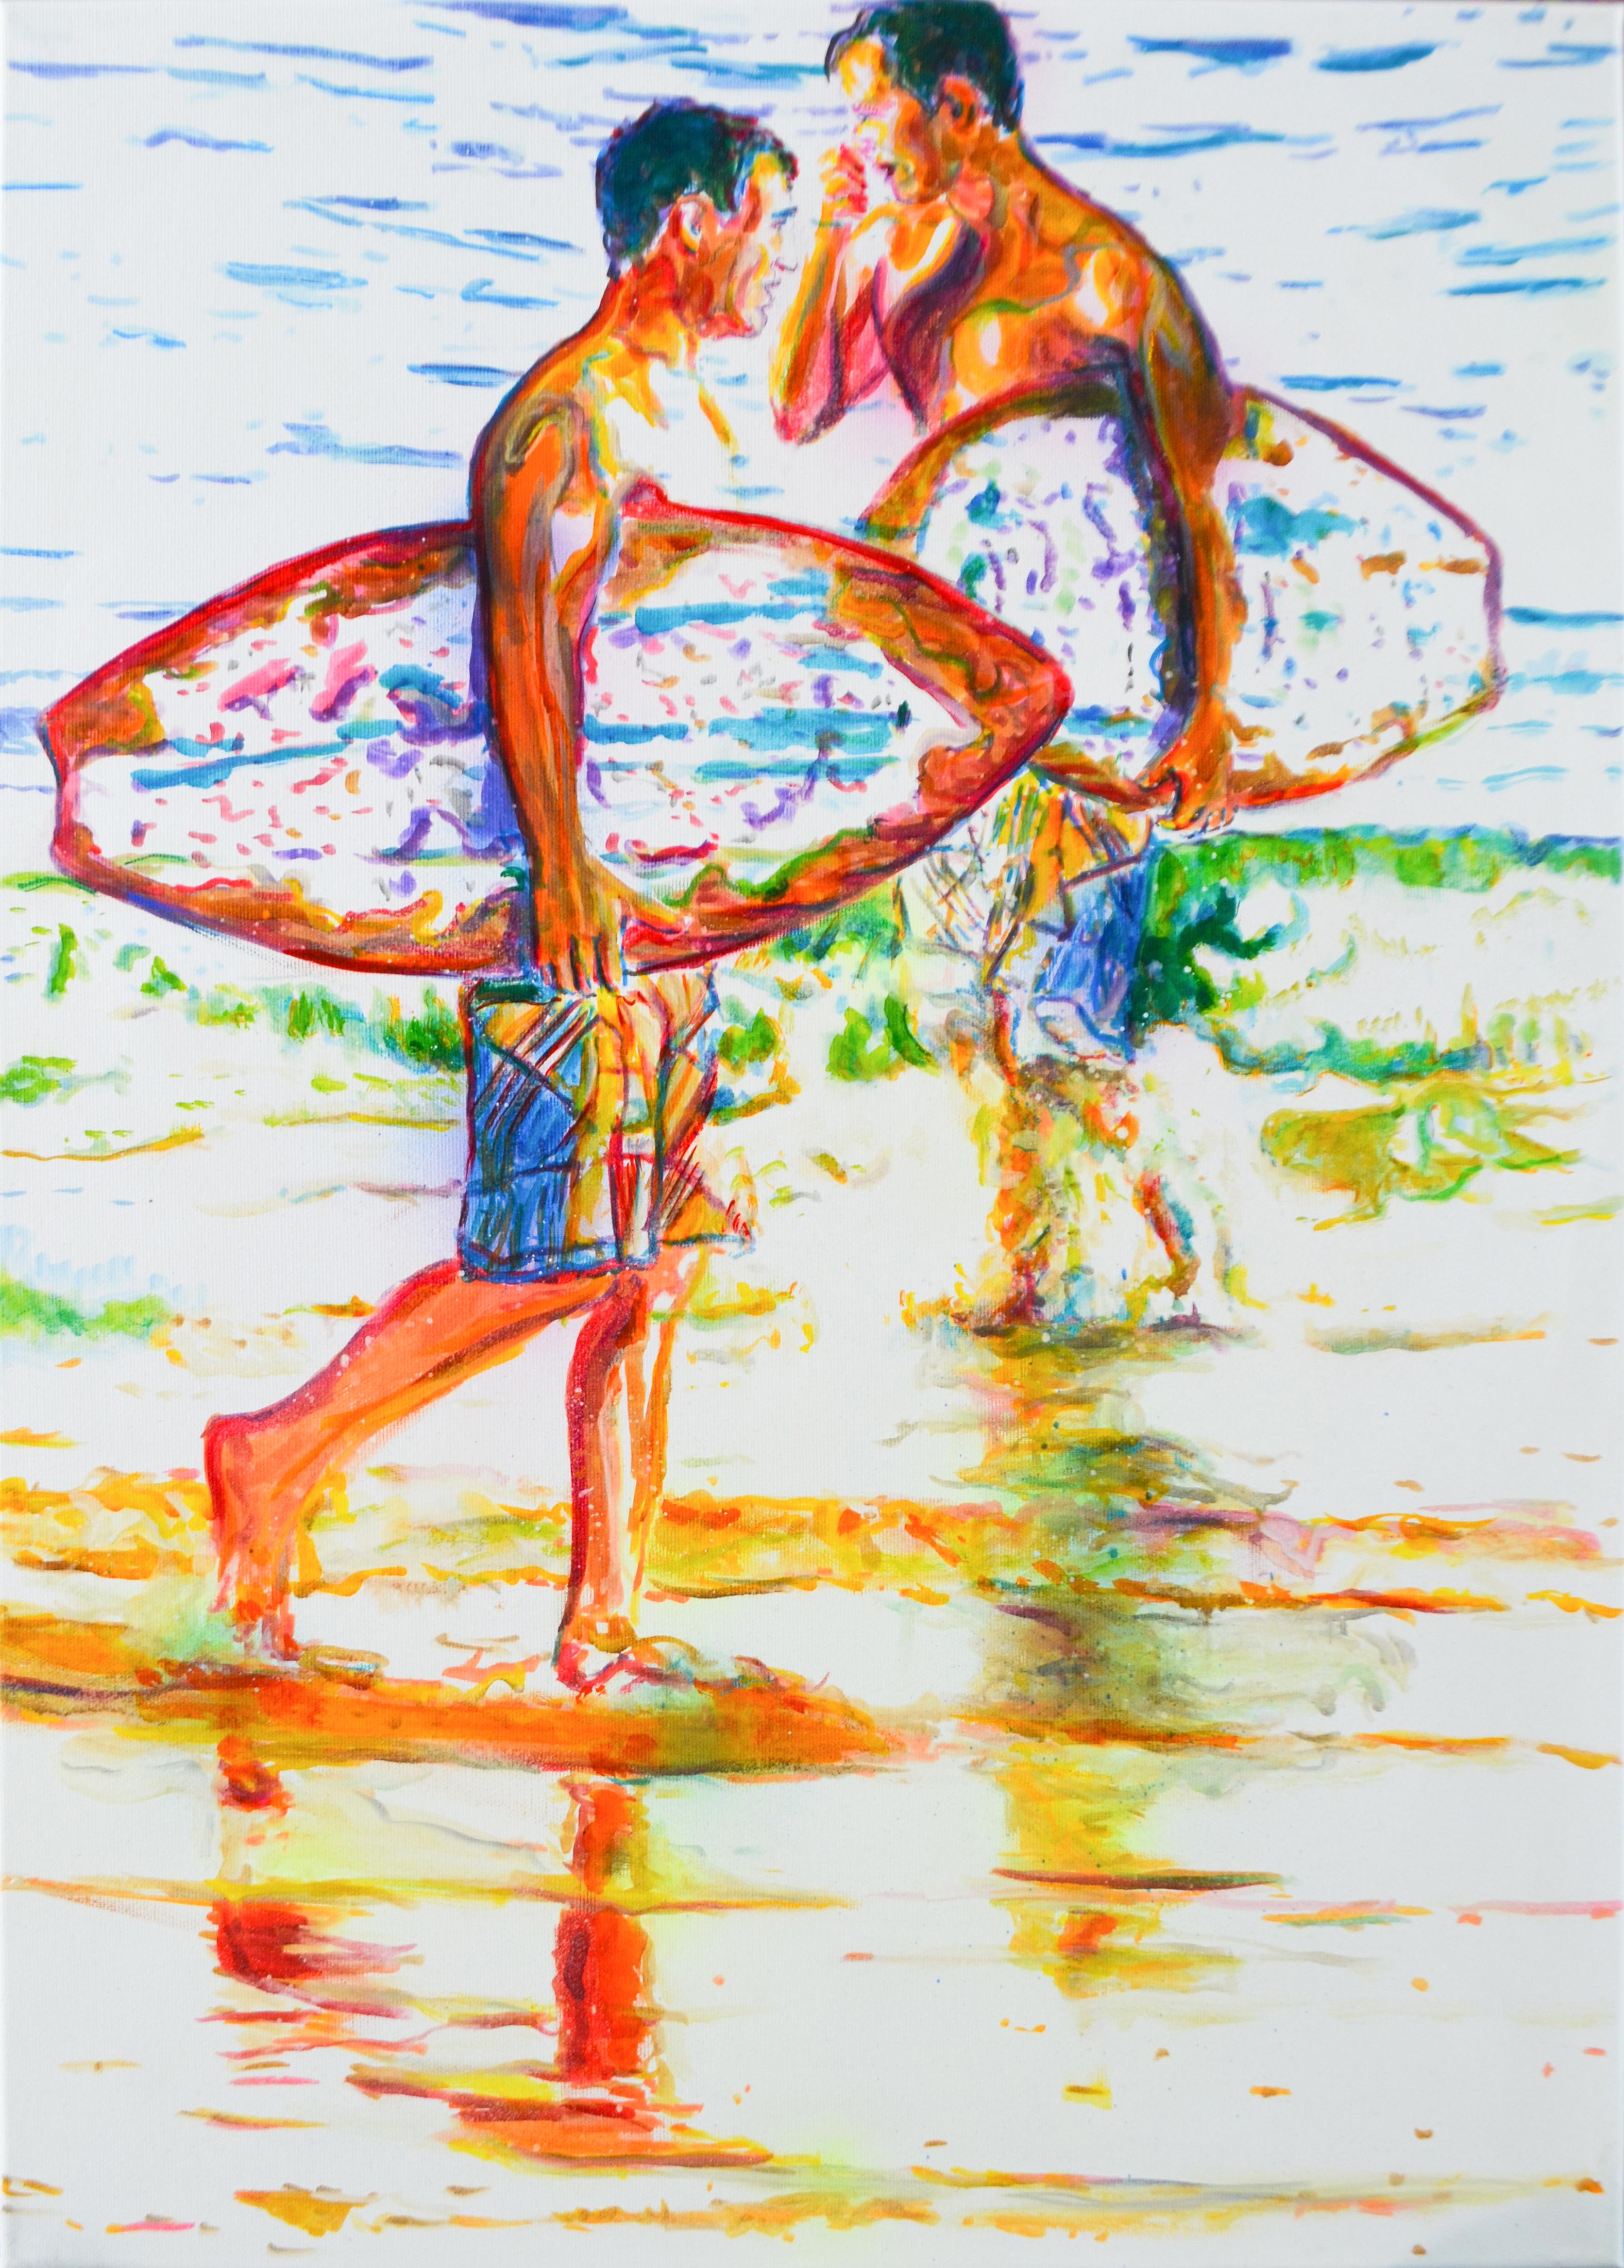 Fuerte Surfer (Double Trouble), 2019